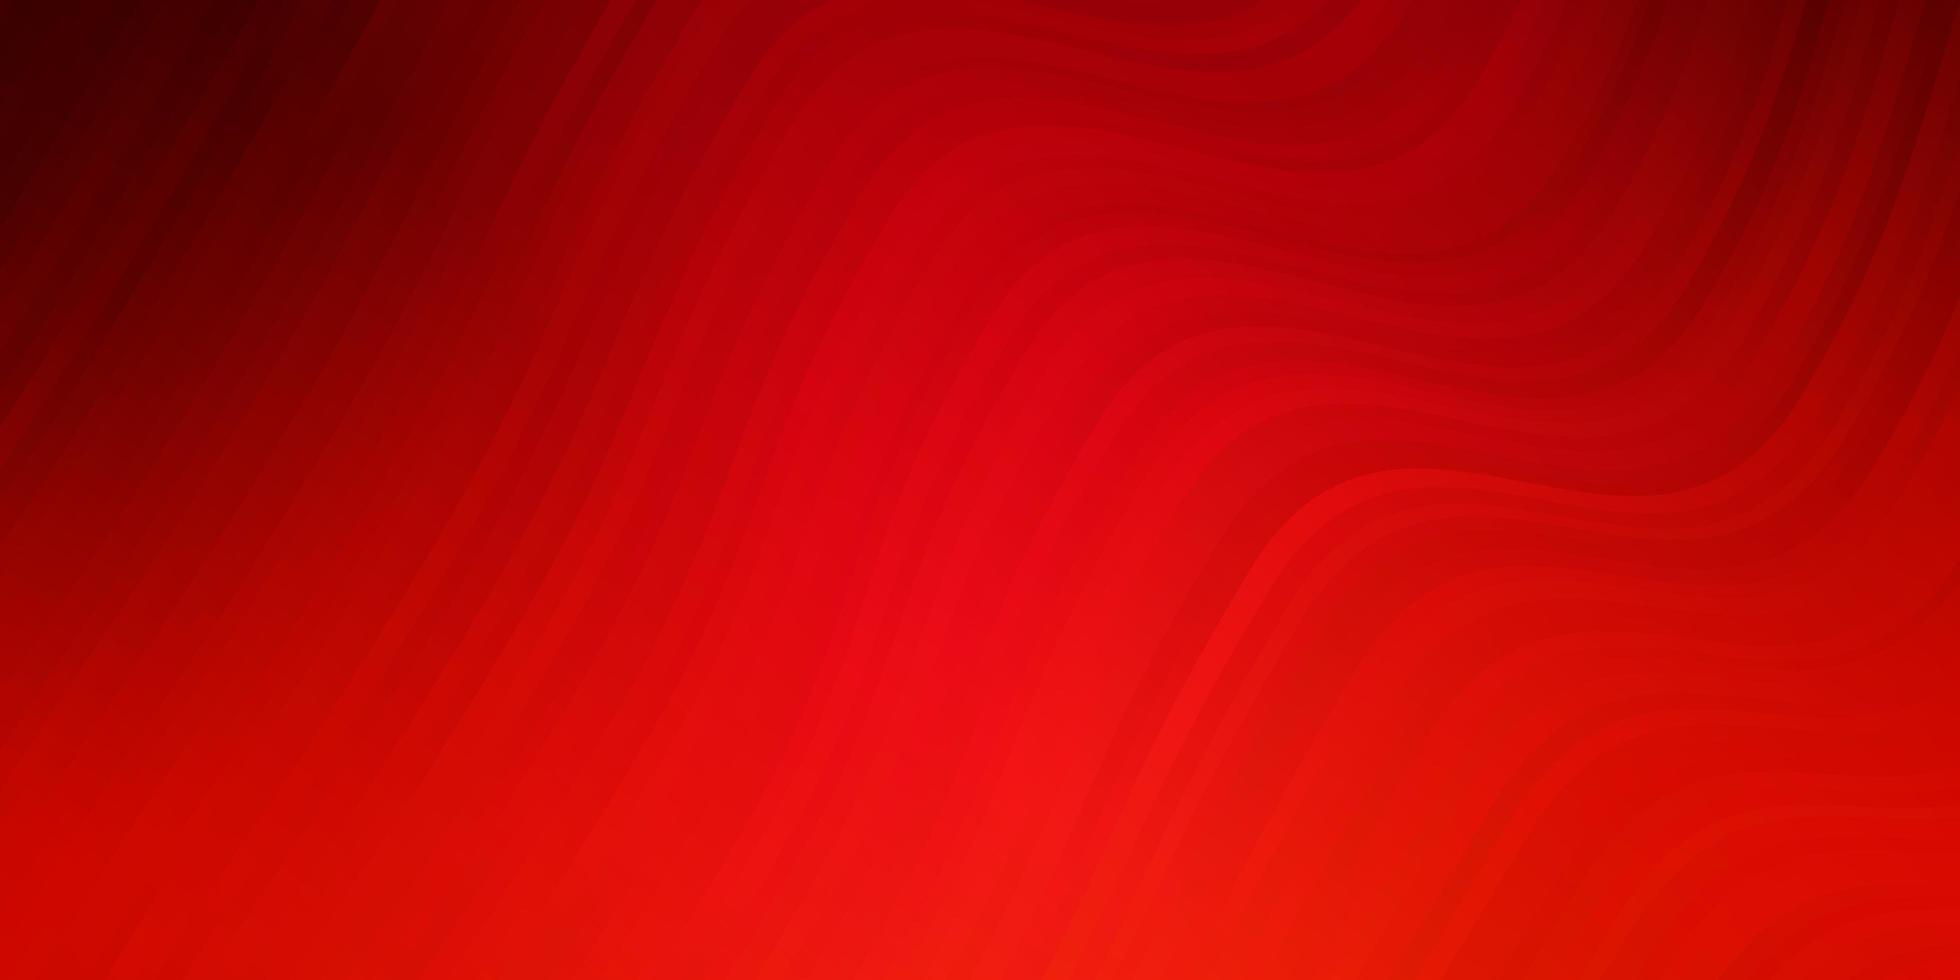 sfondo vettoriale rosso chiaro con linee curve.